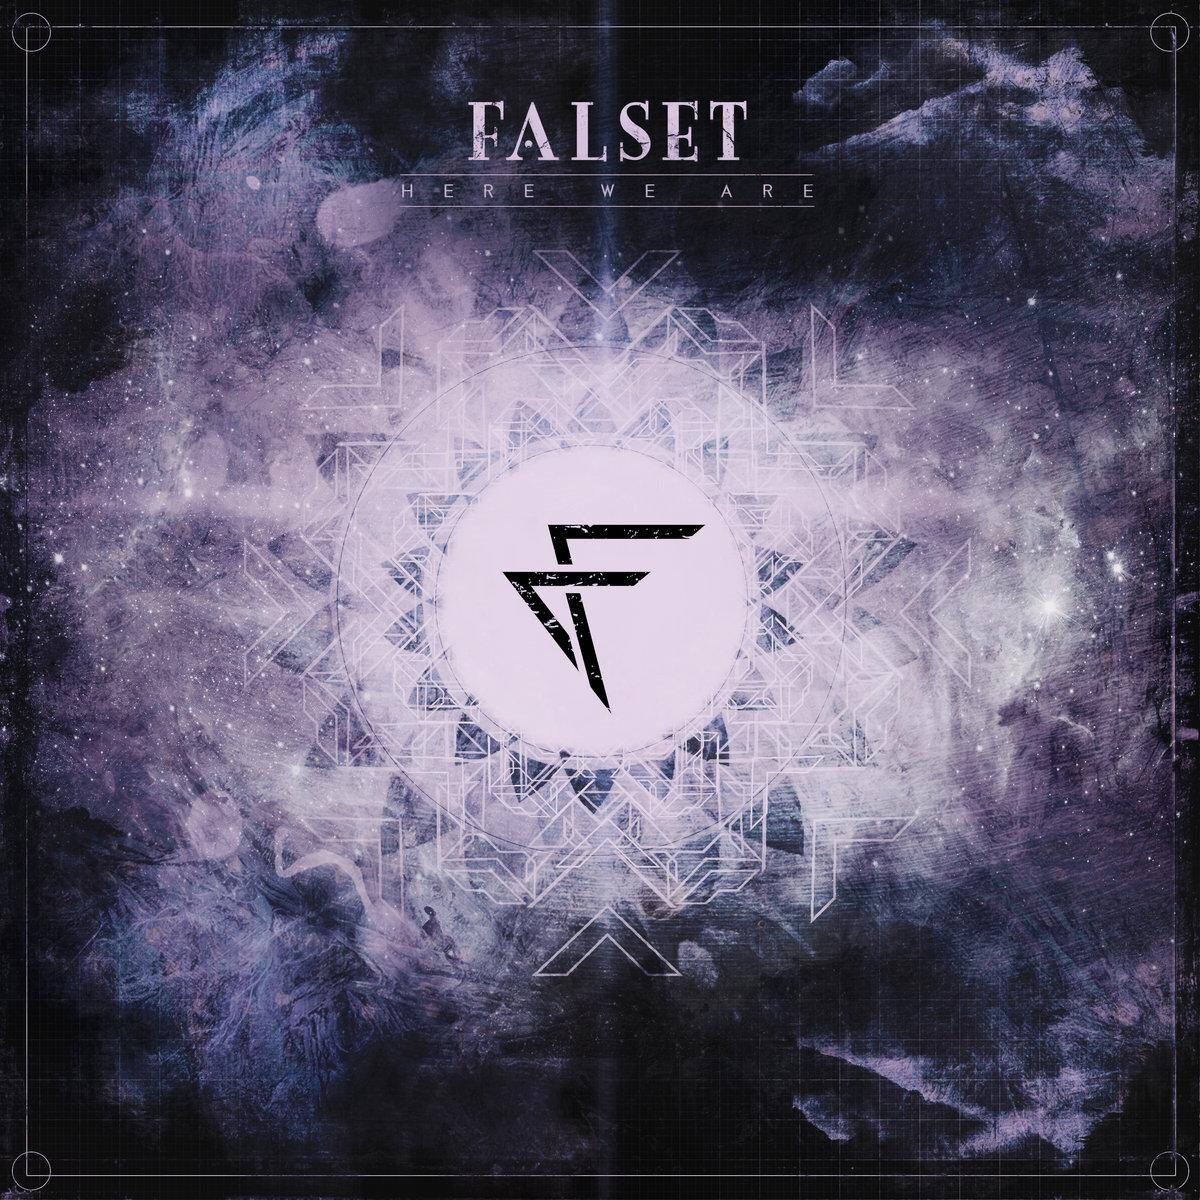 www.facebook.com/falsetoff